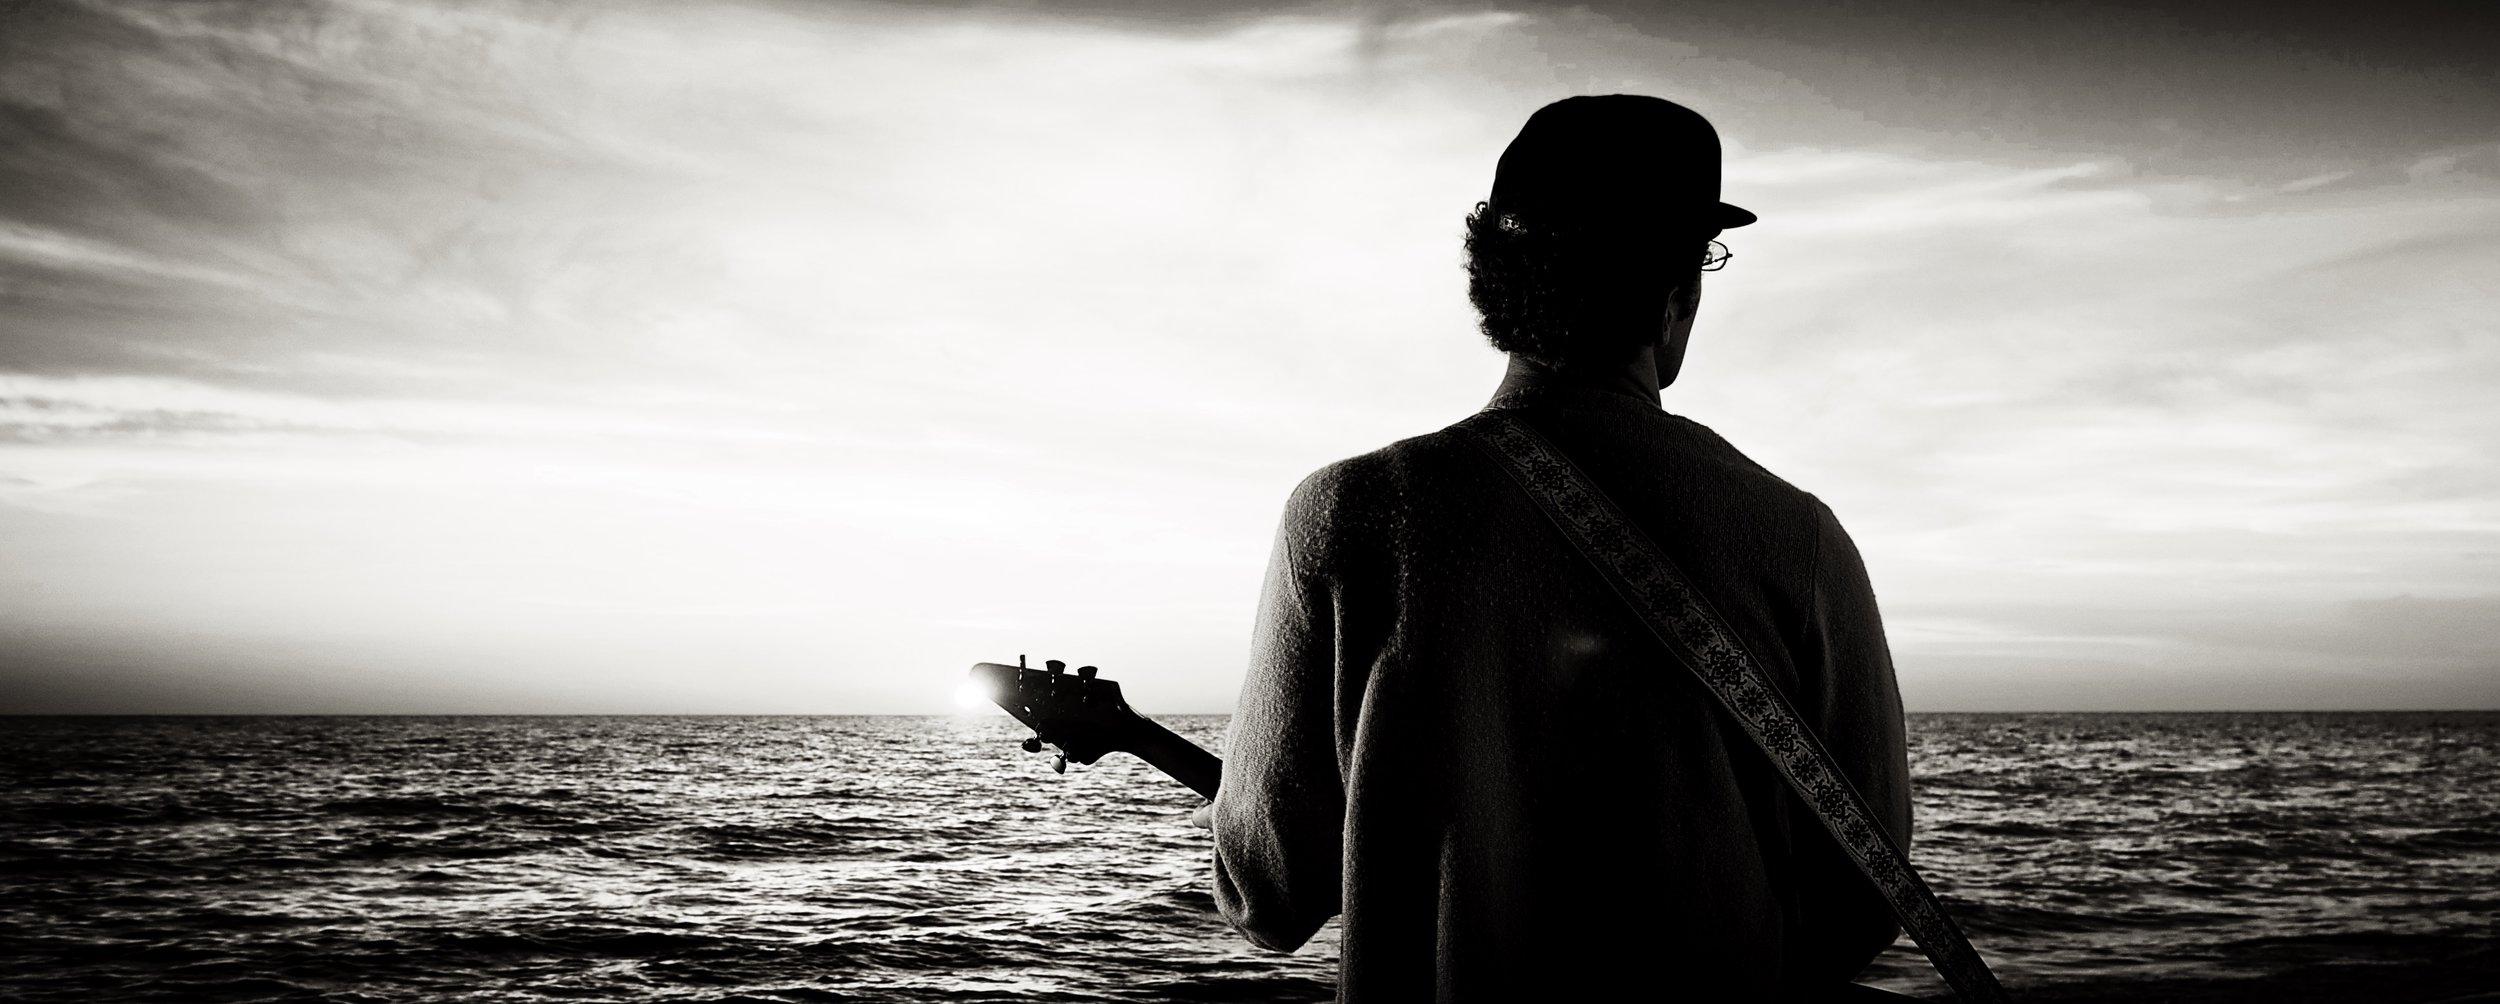 nathan-fairclough-5-27-2011-guitarist-23274.jpg